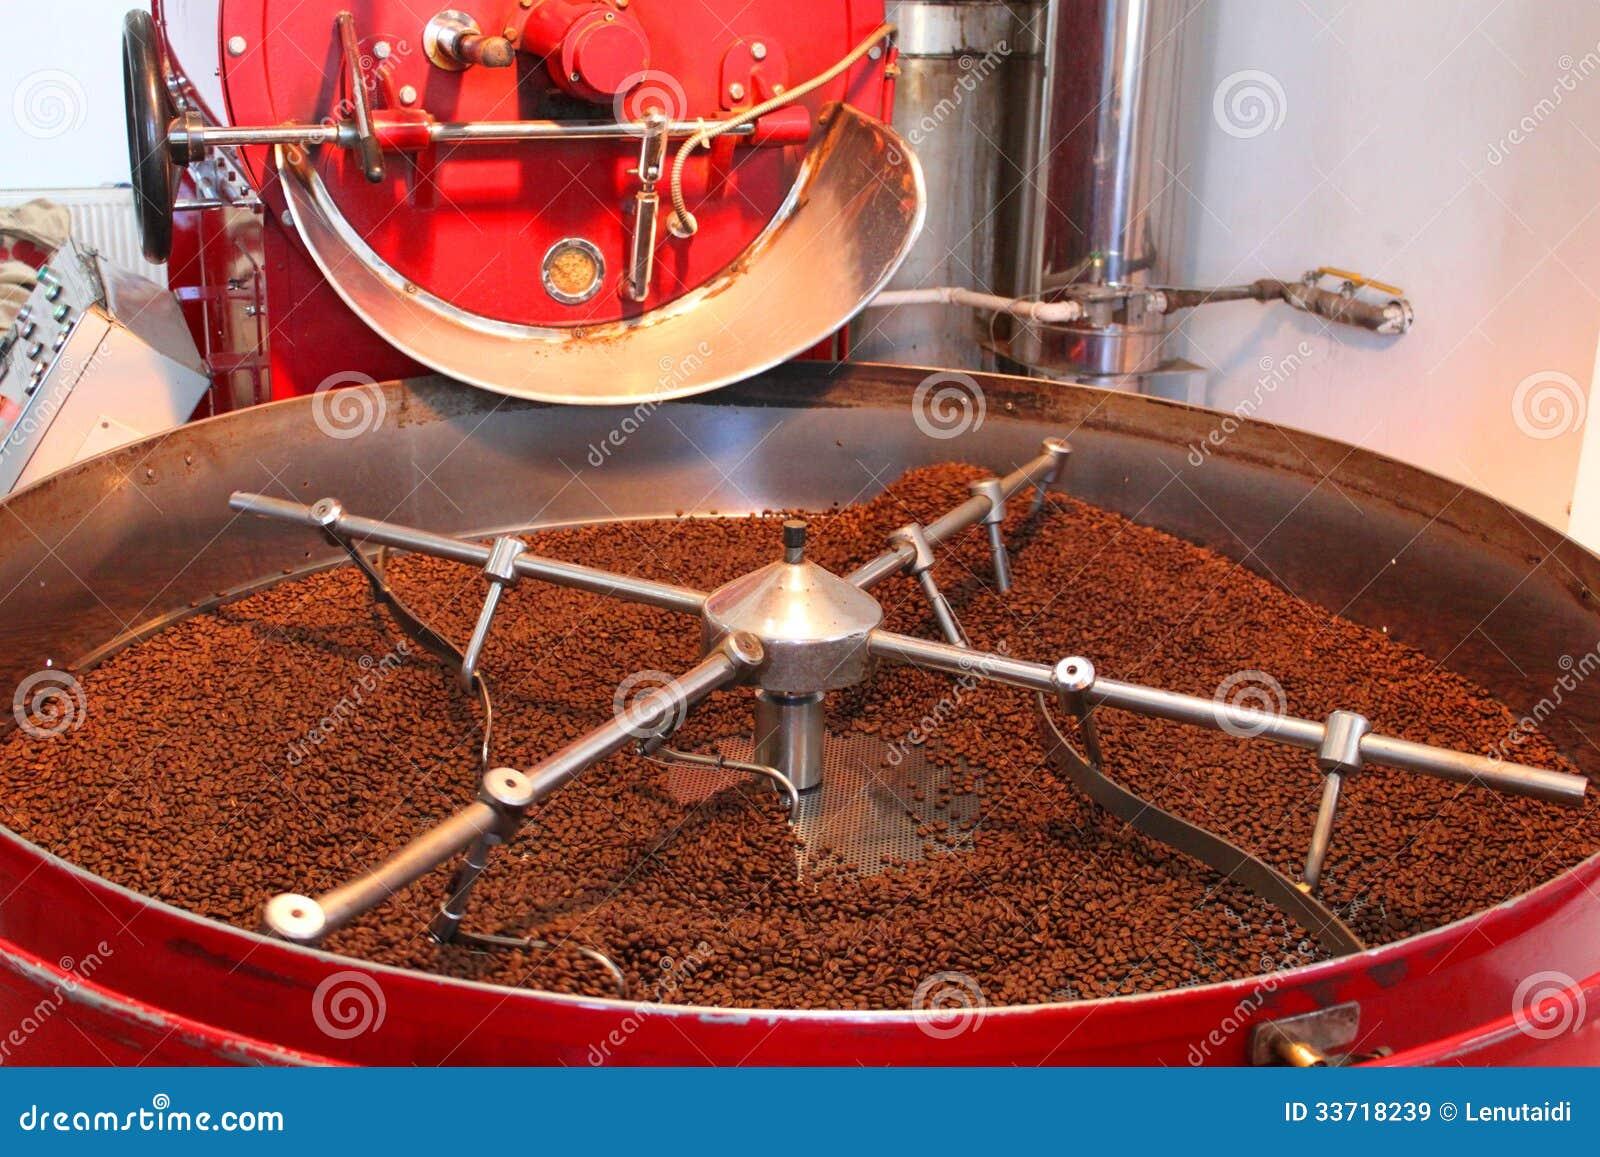 Συσκευή στο ψήσιμο και την ξήρανση των φασολιών καφέ